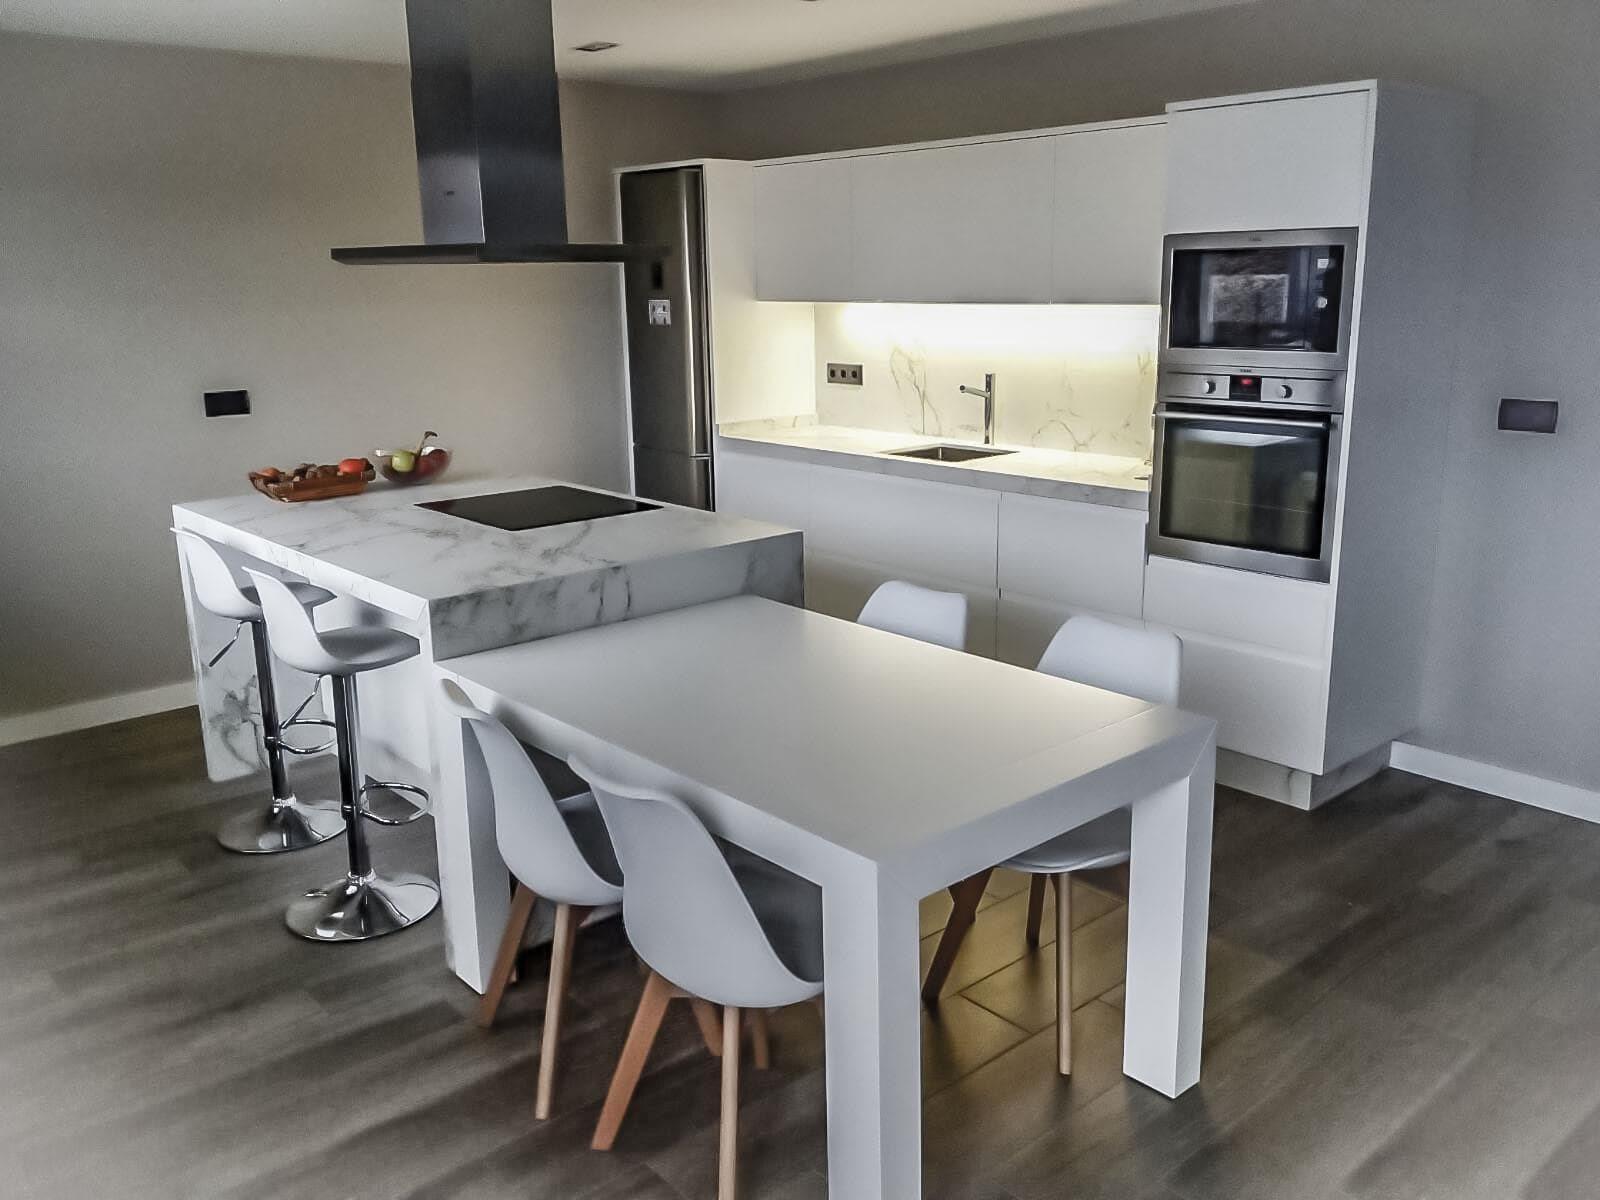 Proyectos y reformas en costa da morte carballo a coru a y santiago muebles y decoraci n - Muebles de cocina coruna ...